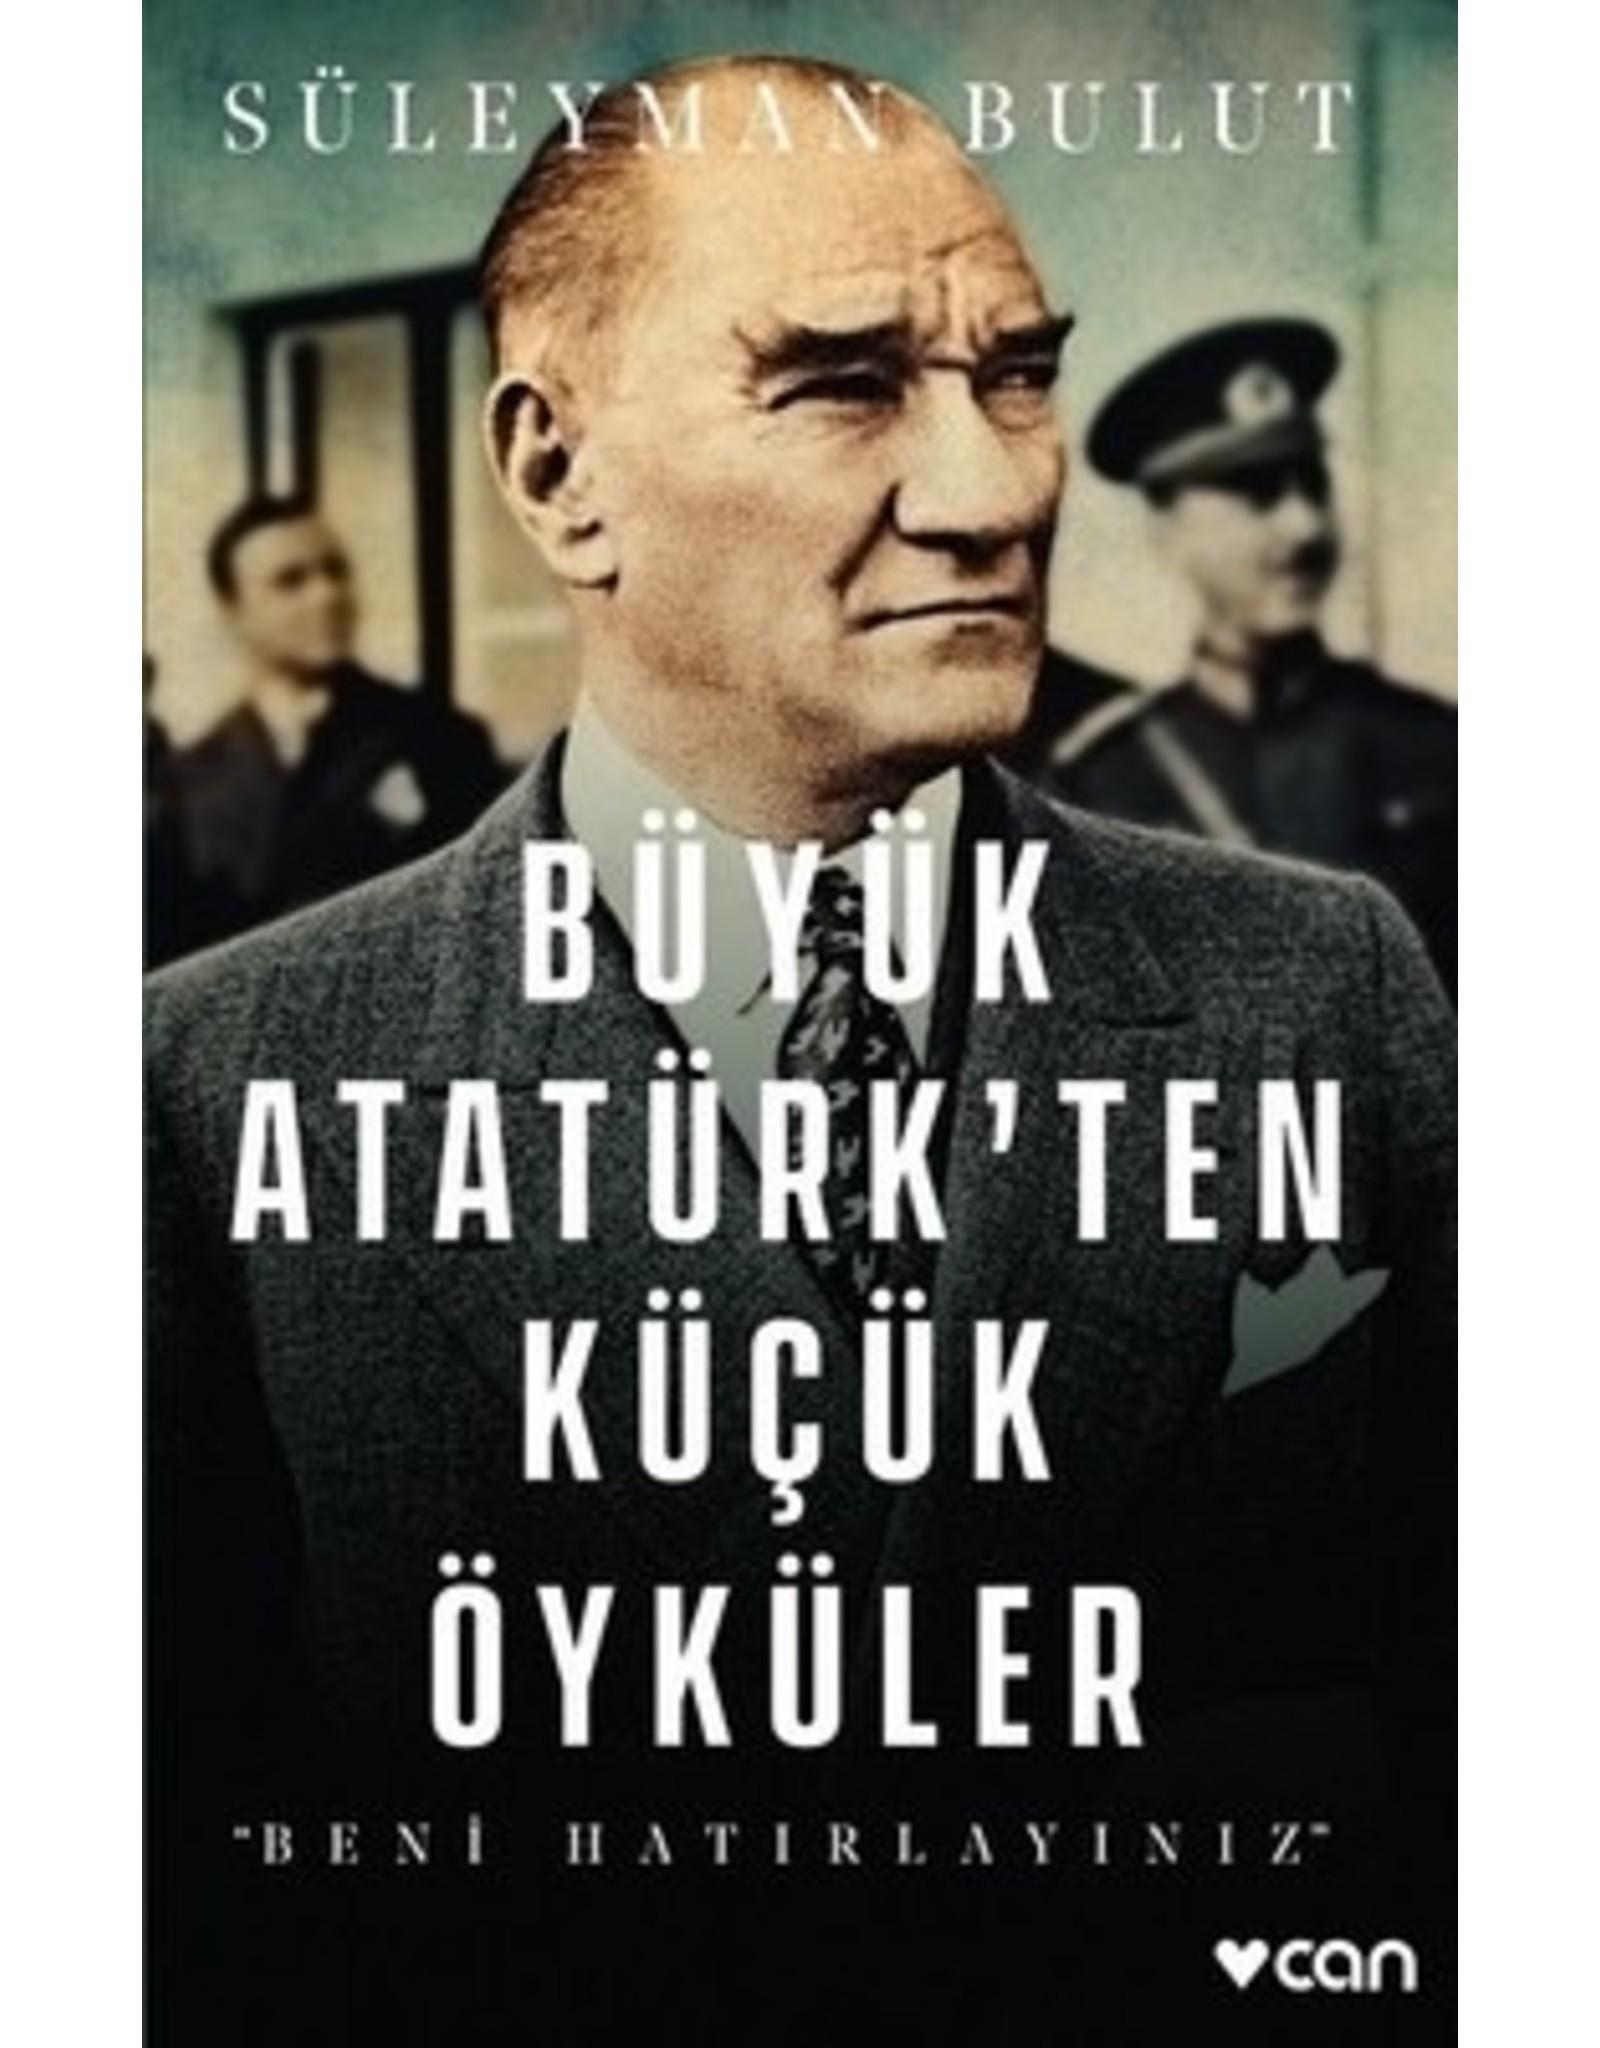 Süleyman Bulut Büyük Atatürk'ten Küçük Öyküler